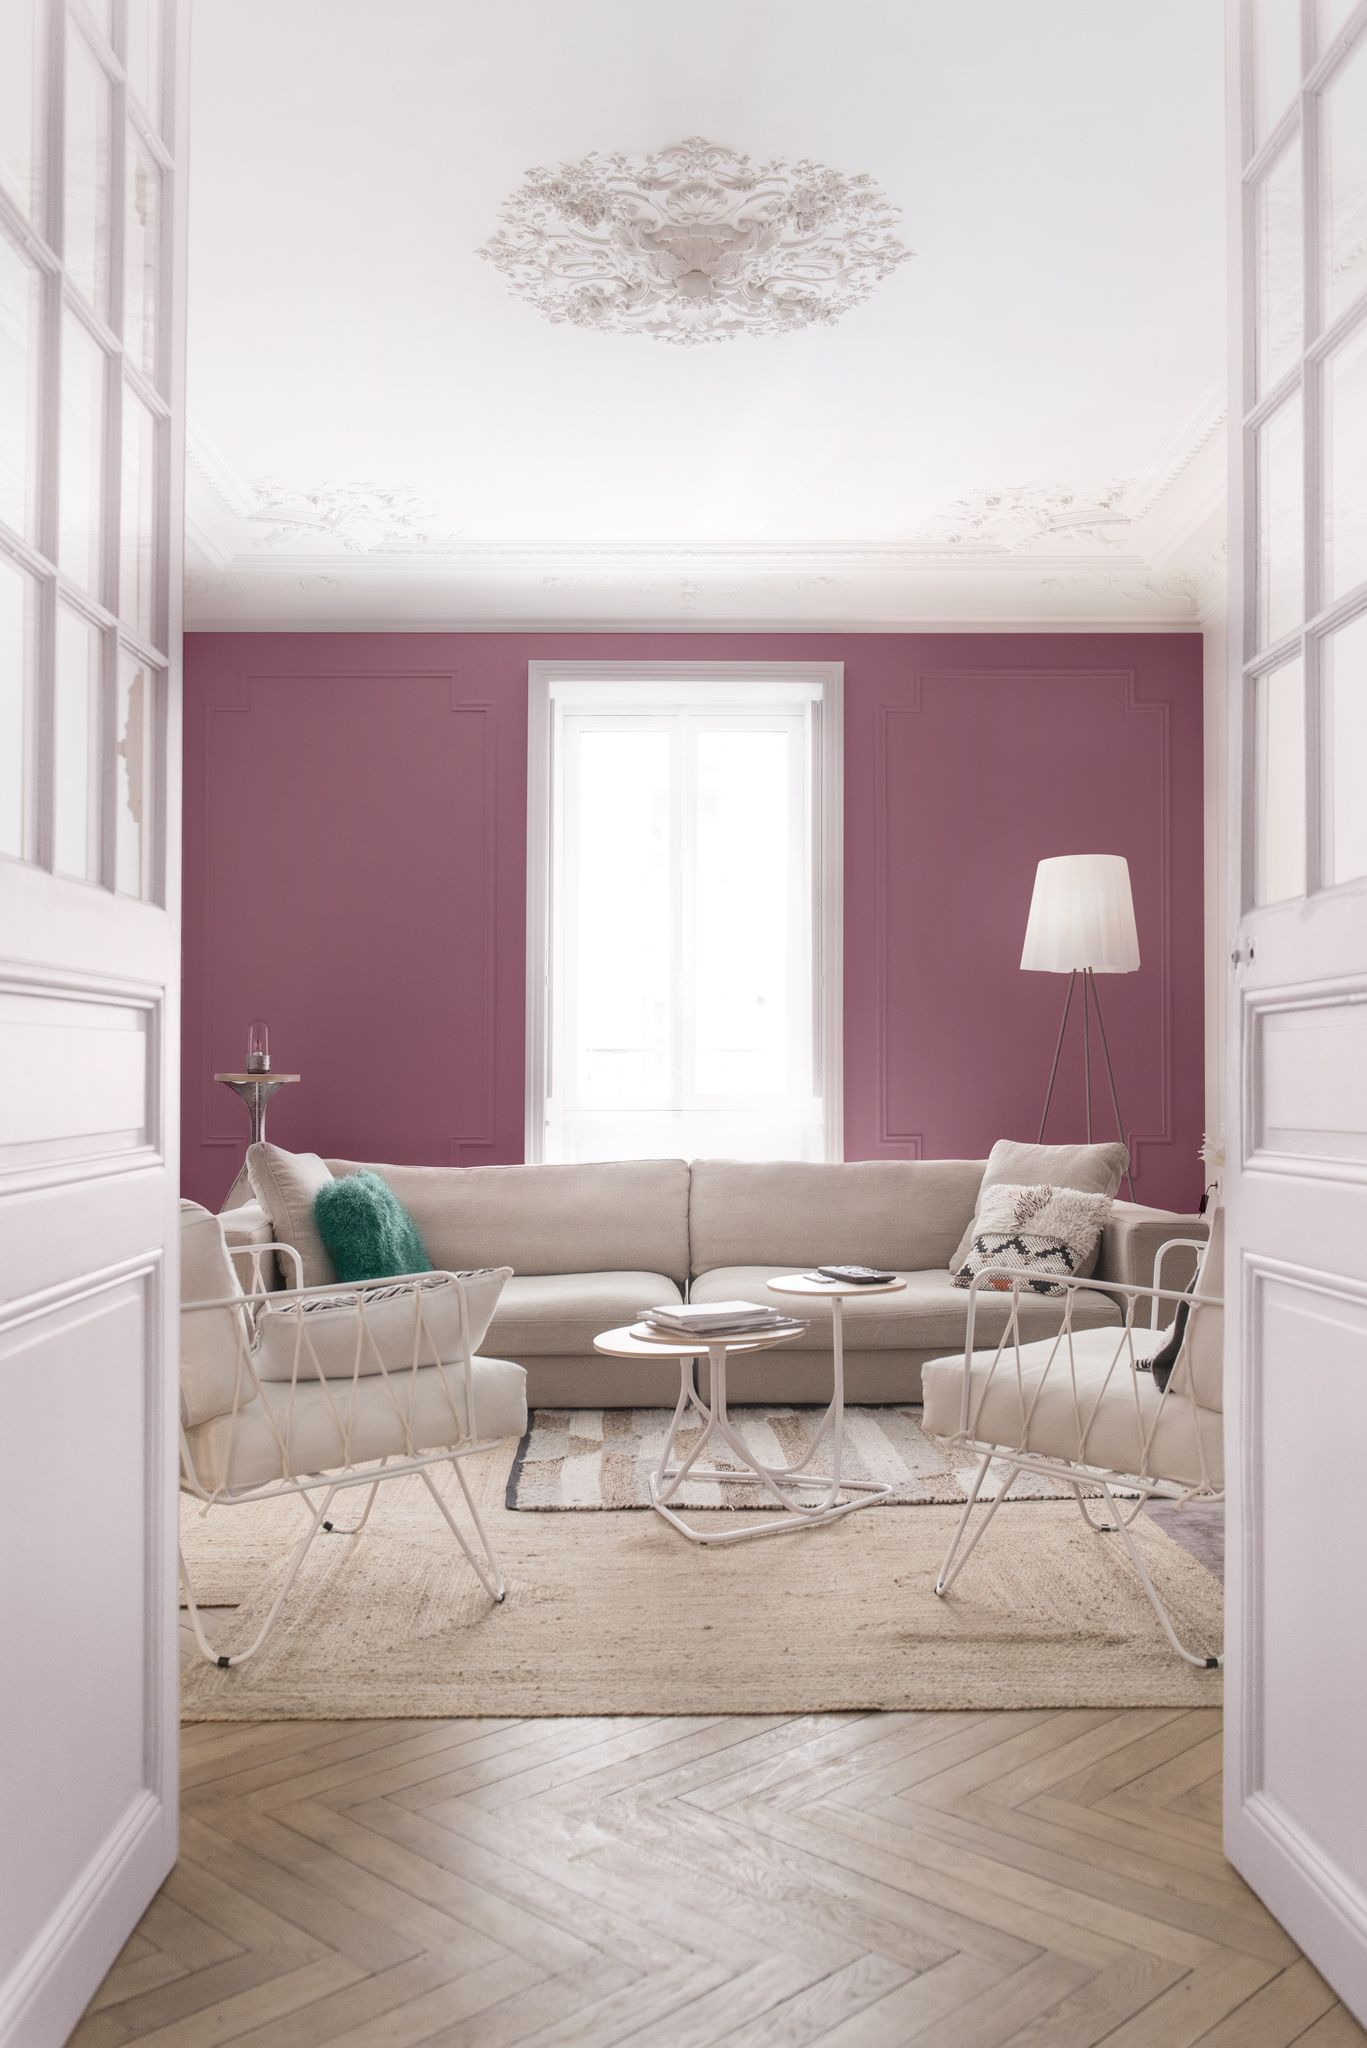 Peinture maison 20 couleurs tendance pour peindre son salon for Choisir peinture salon